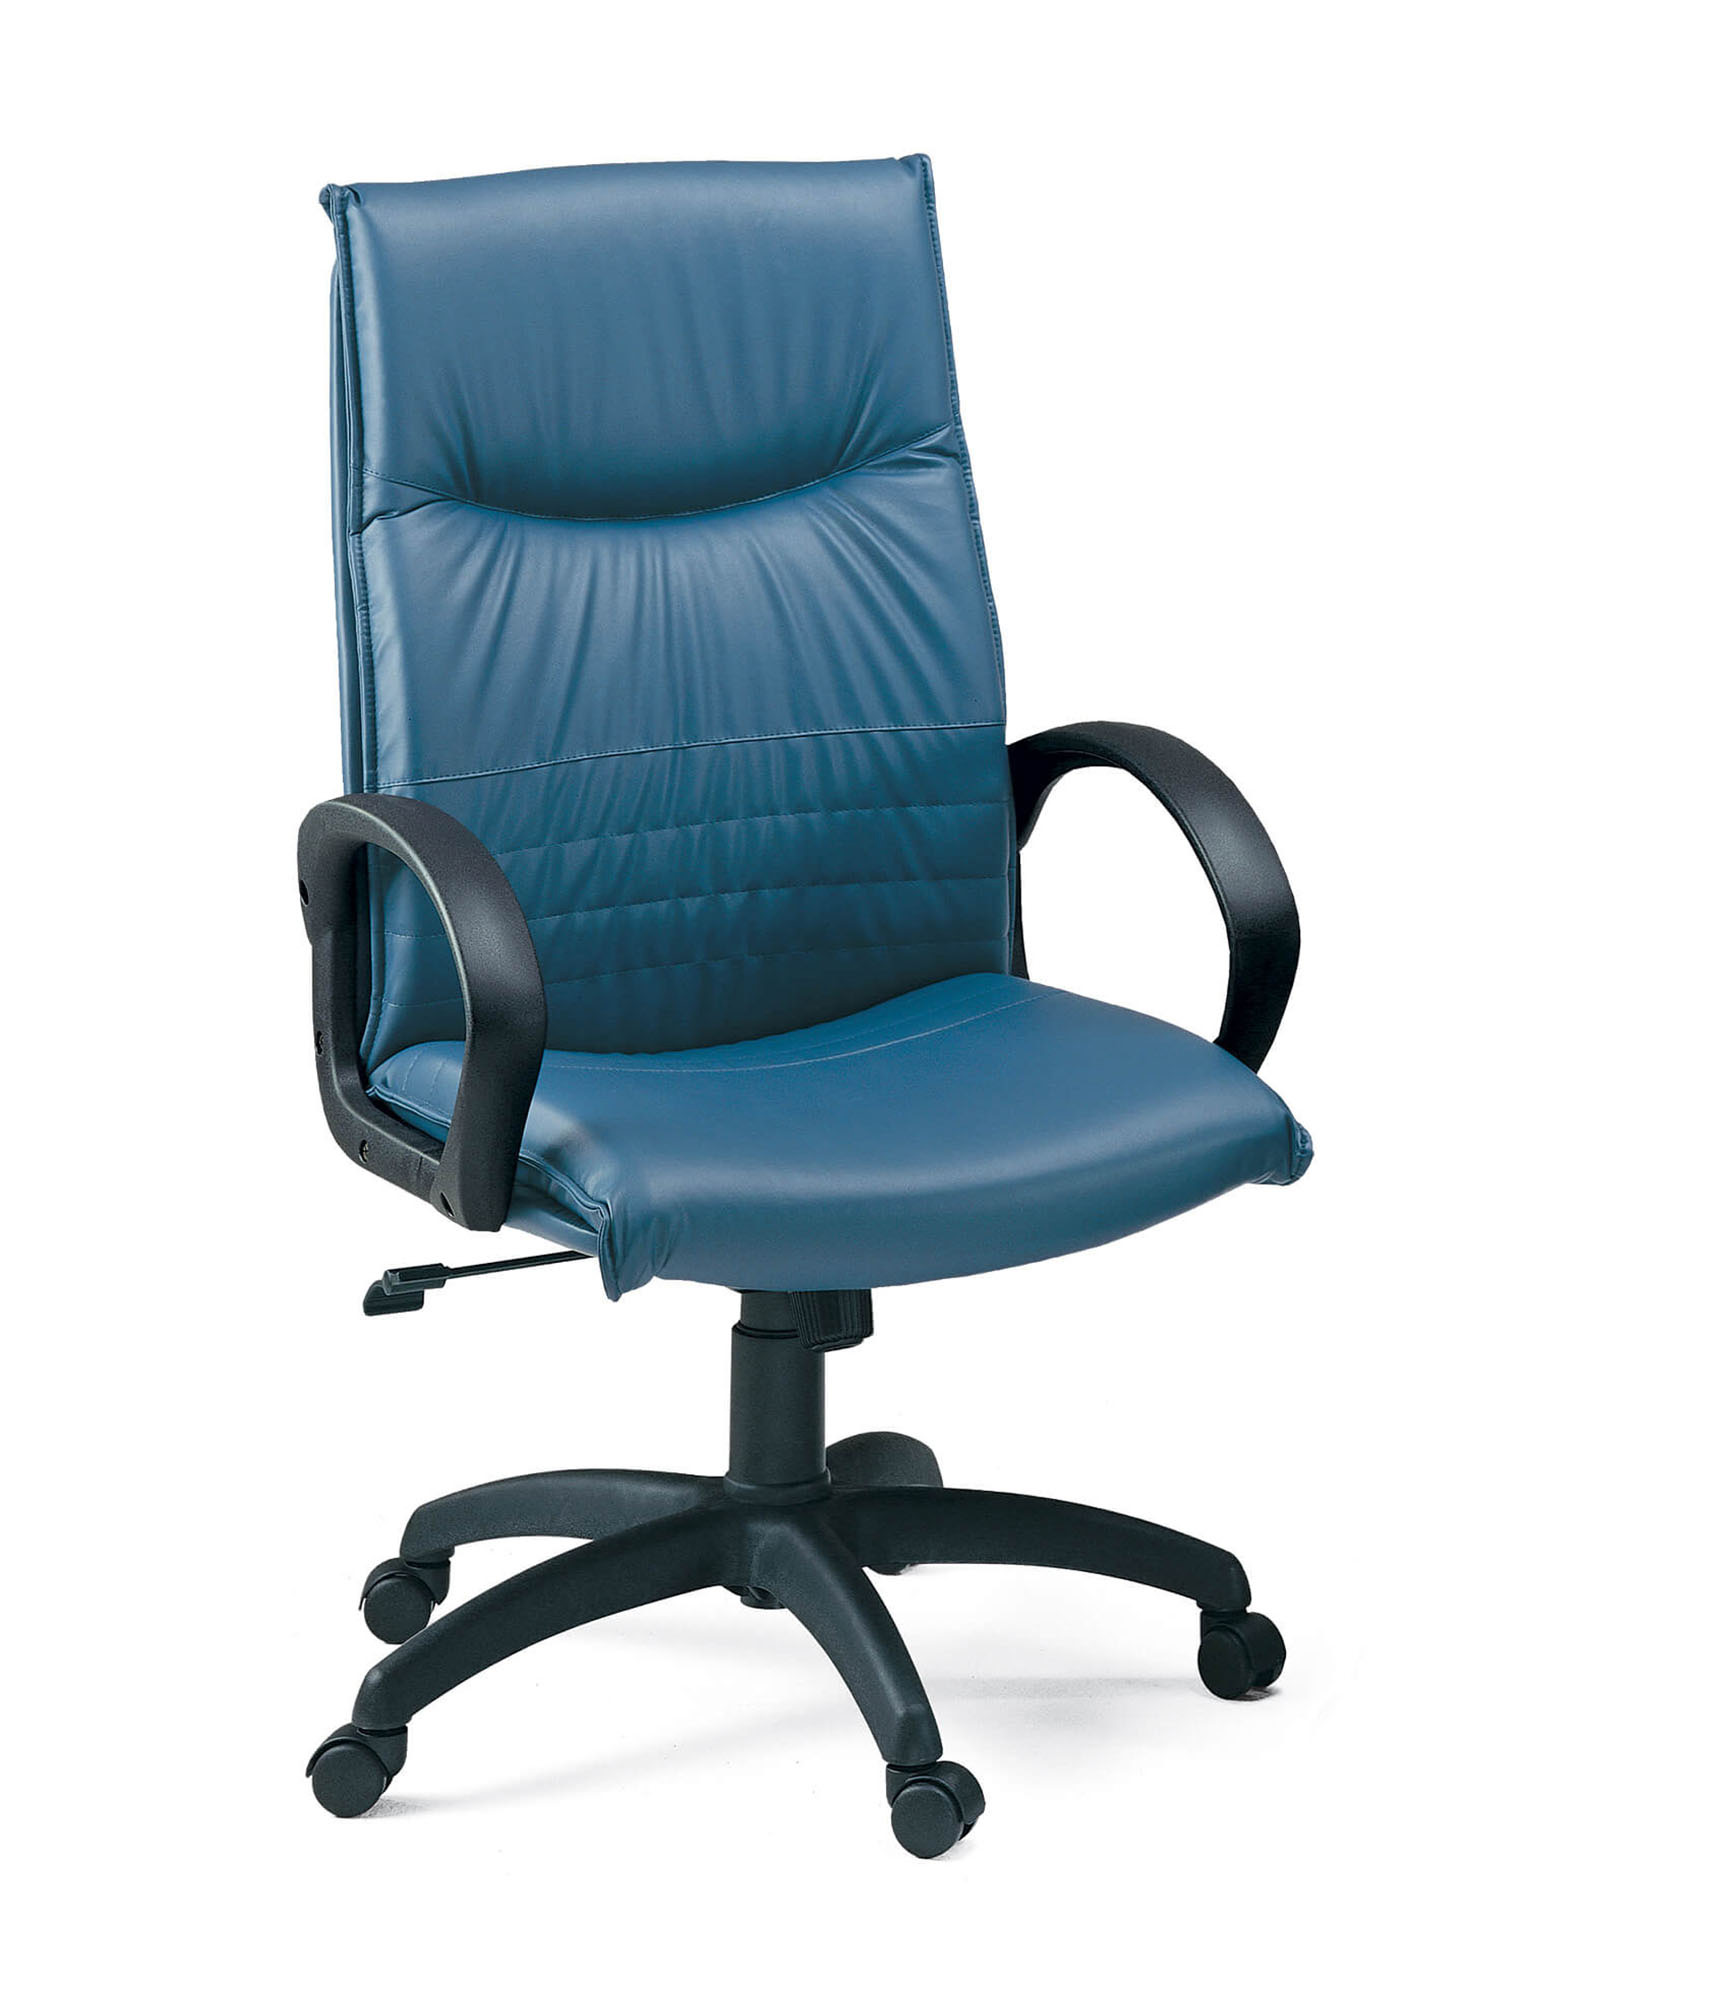 Sedie direzionali ufficio Idea